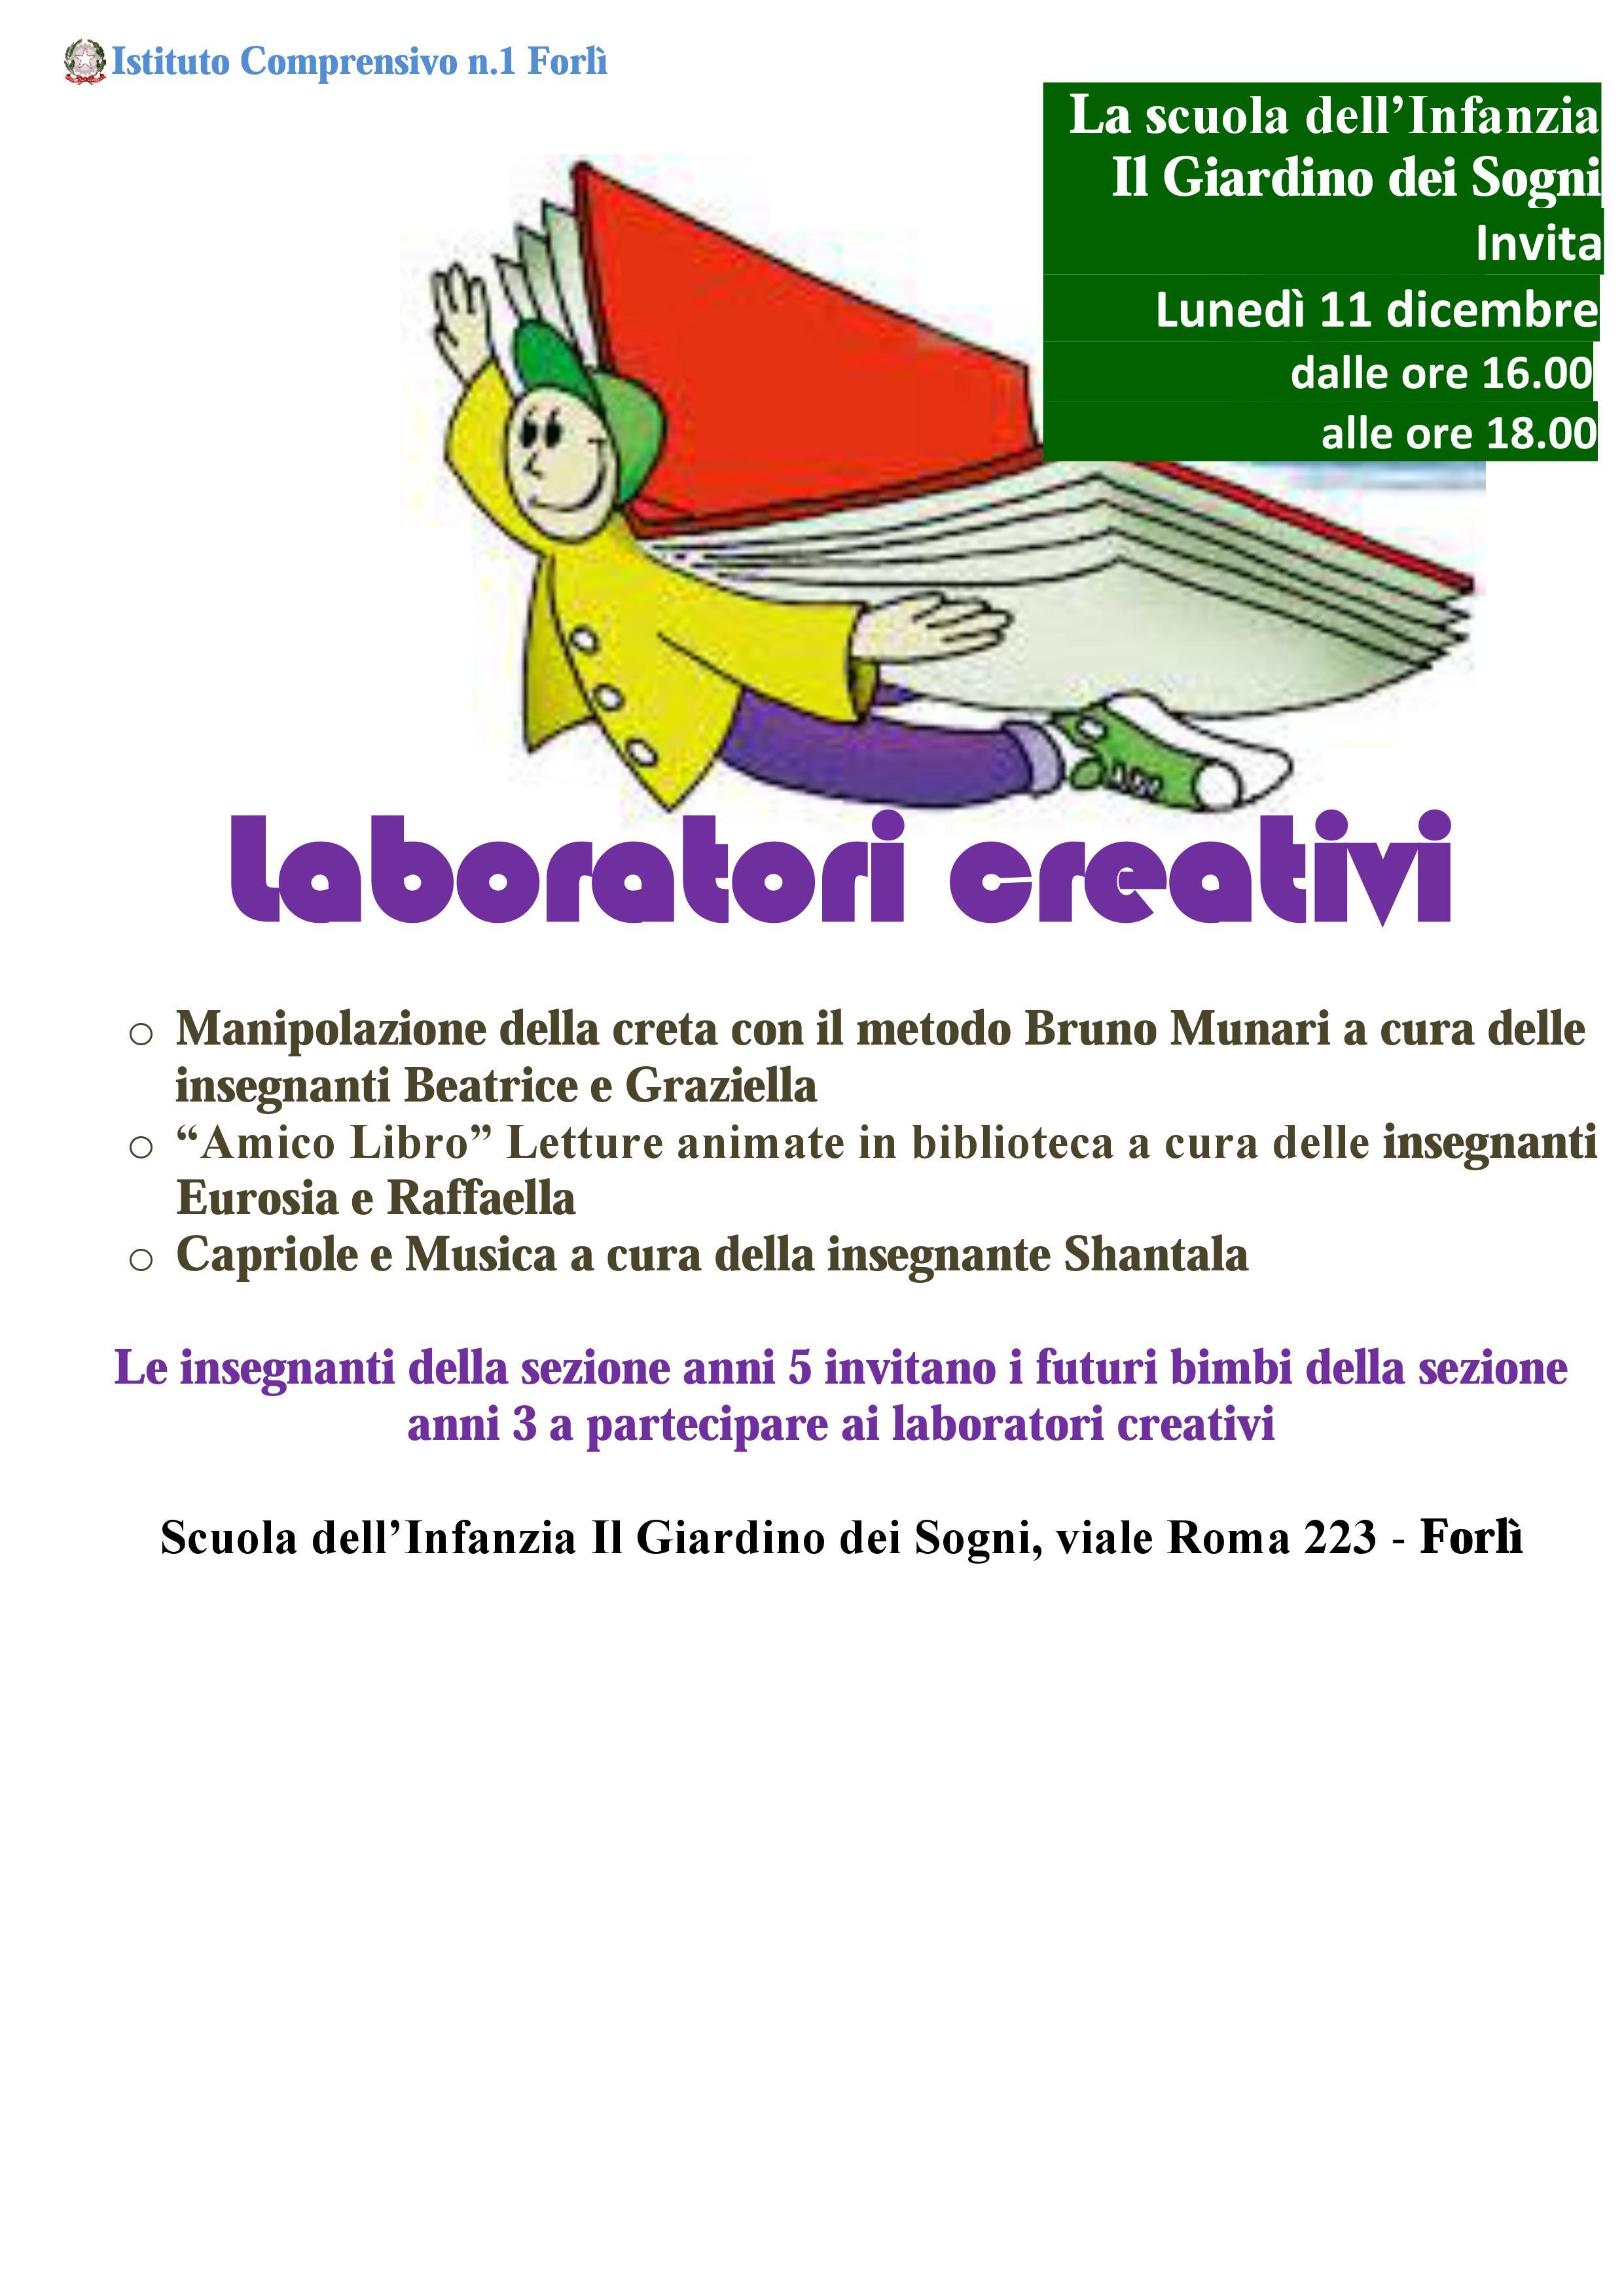 Laboratori Creativi Alla Scuola Dellinfanzia Il Giardino Dei Sogni